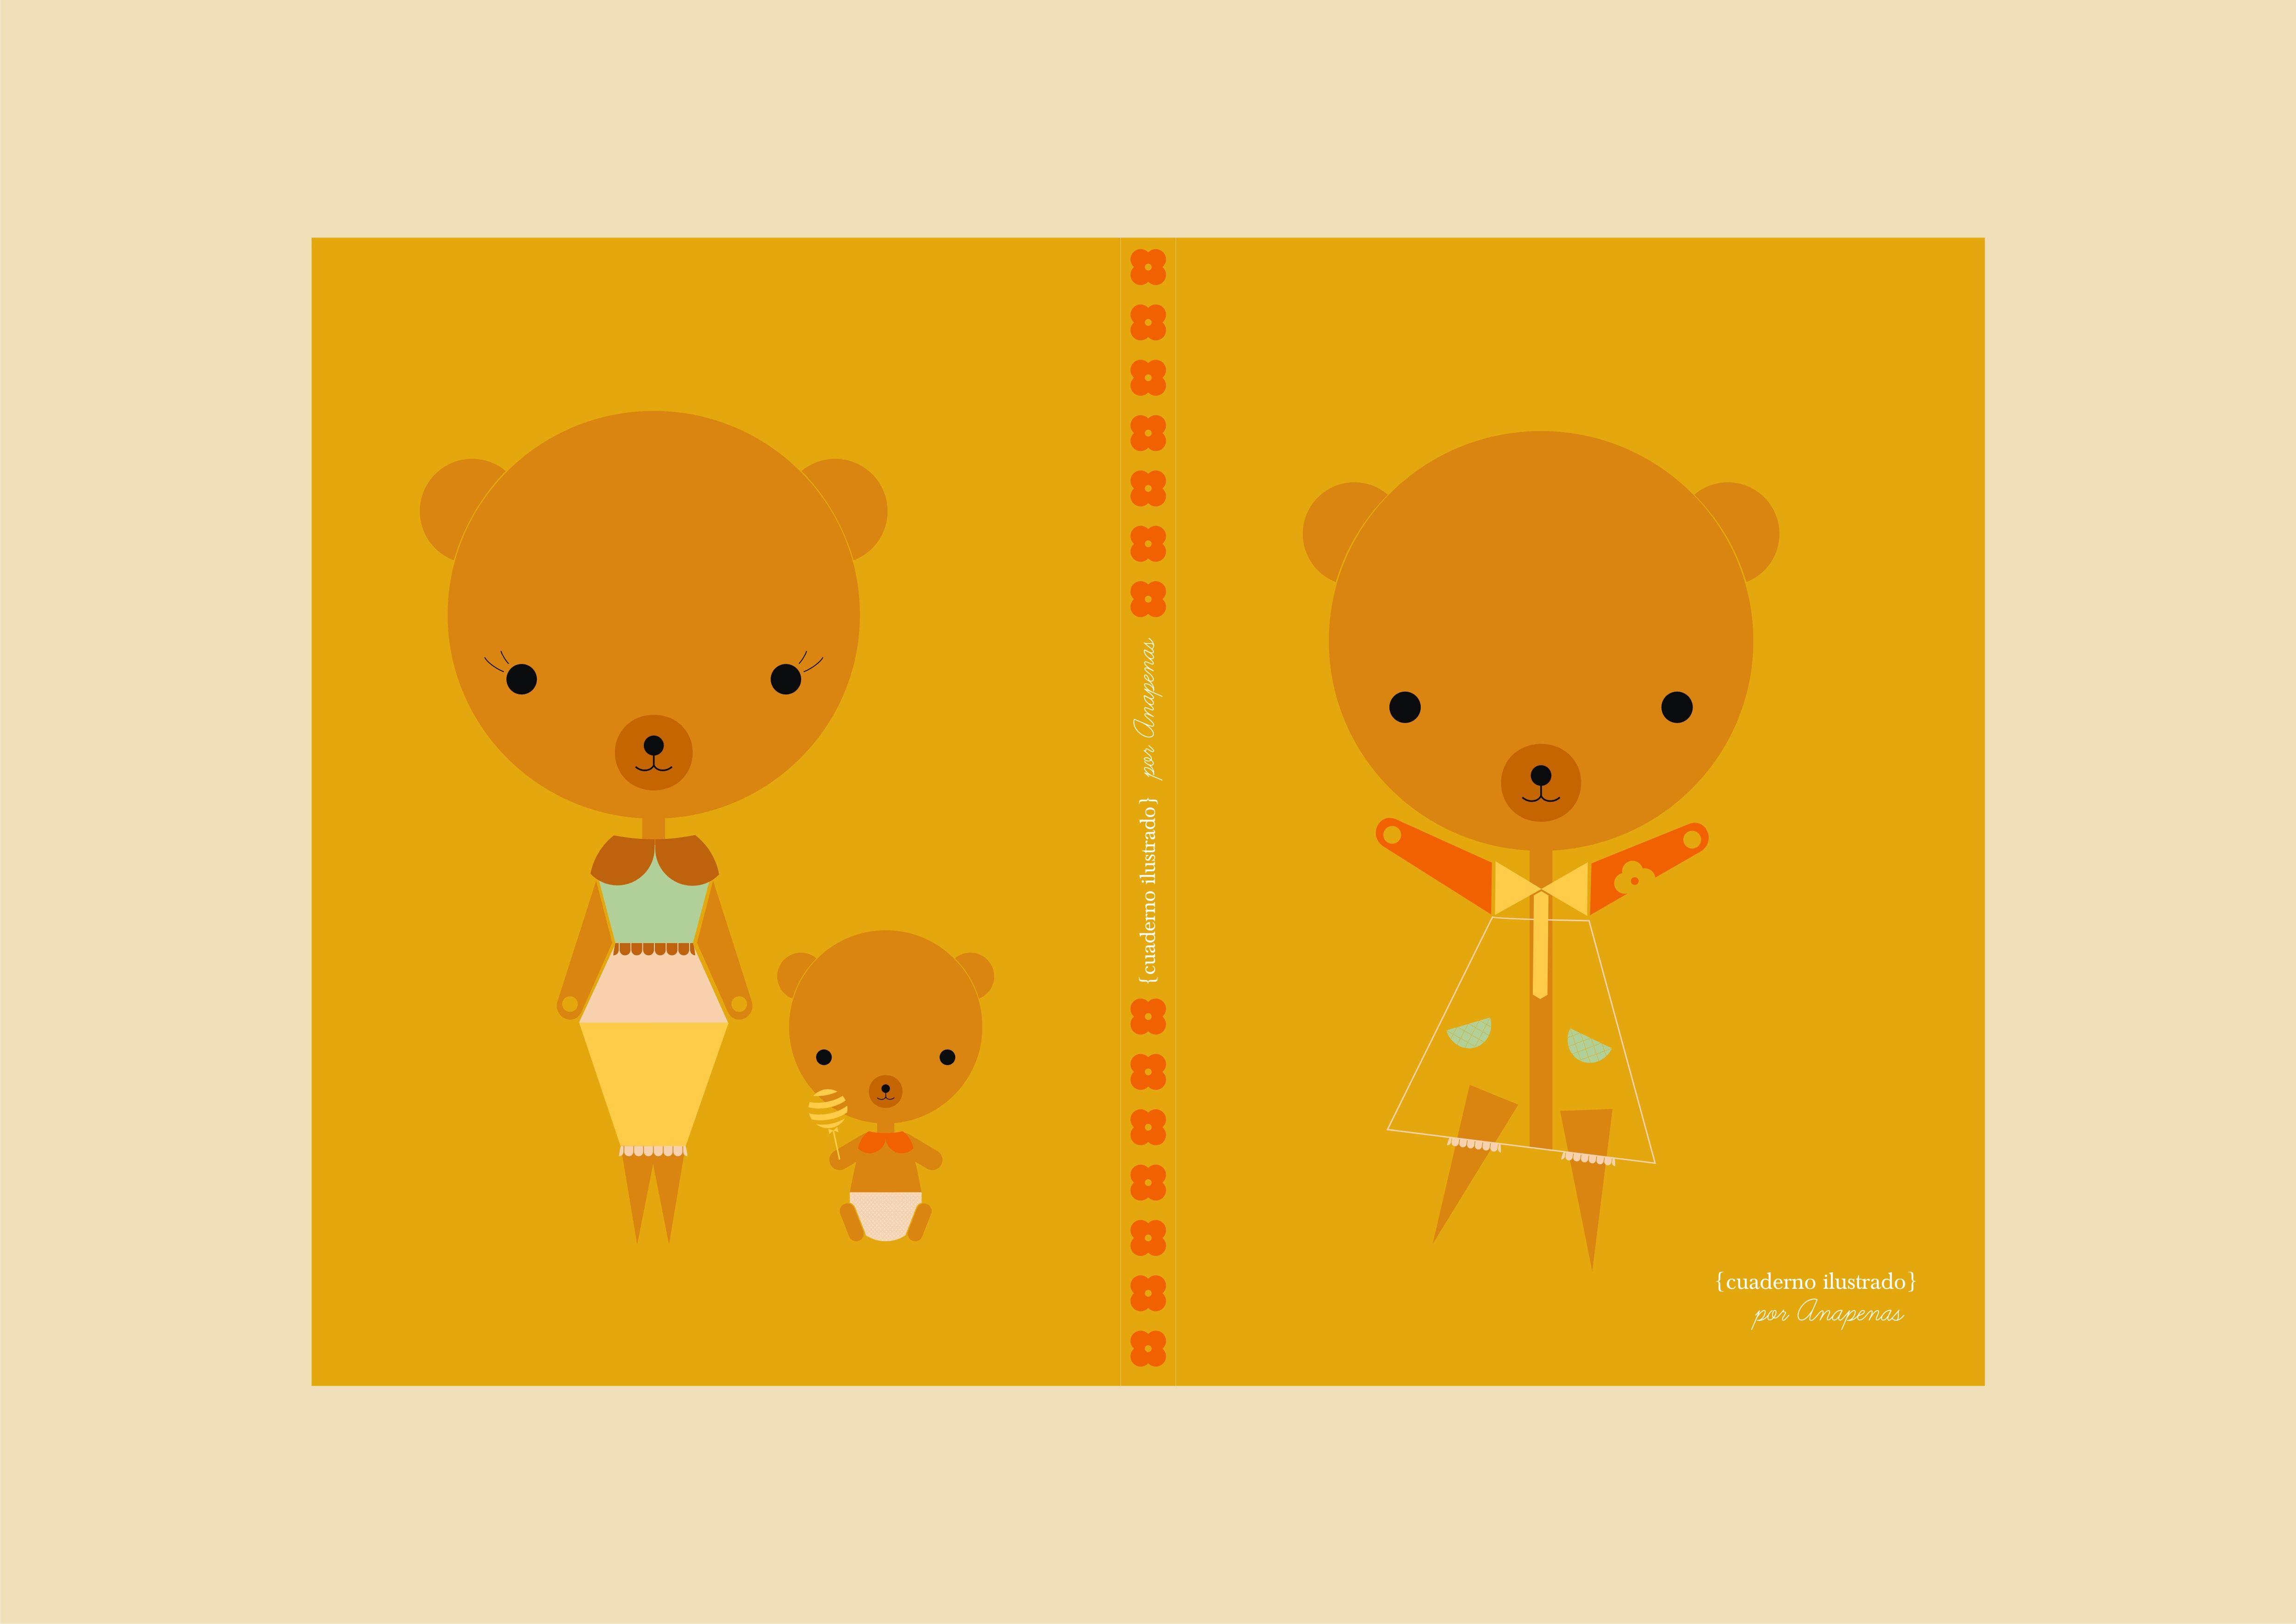 * en venta desde julio*     Los cuadernos miden 15x21cm, están cosidos a hilo, de tapa dura laminada y cada uno contiene 100 hojas de papel Obra Chambril de 120 grs. Traen en su interior, diez ilustraciones para colorear.